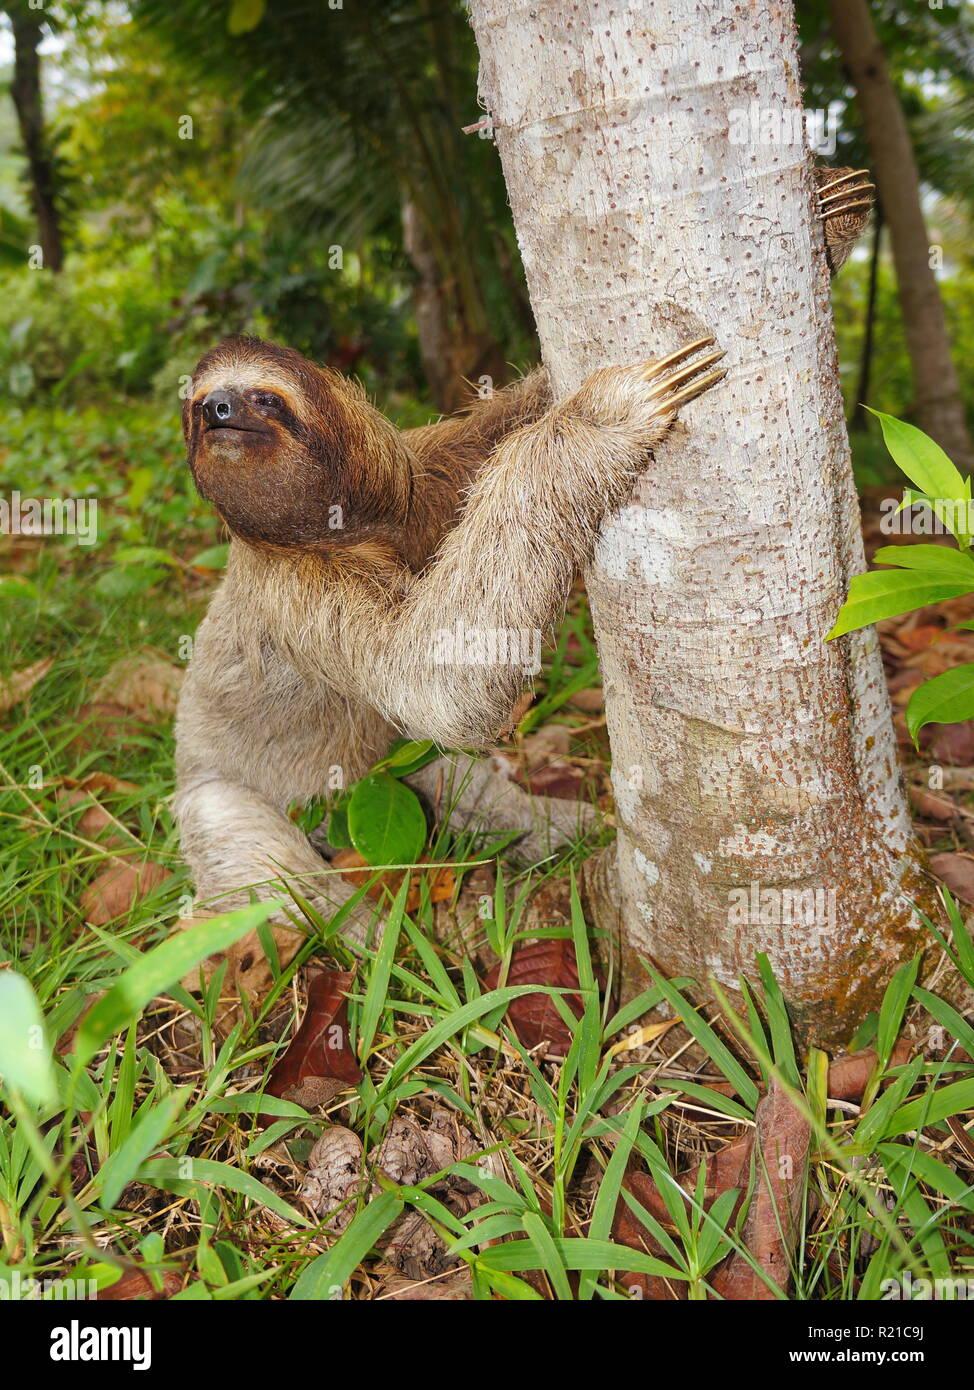 Tres vetado perezoso en la tierra comienza a trepar a un árbol, Panamá, América Central Foto de stock